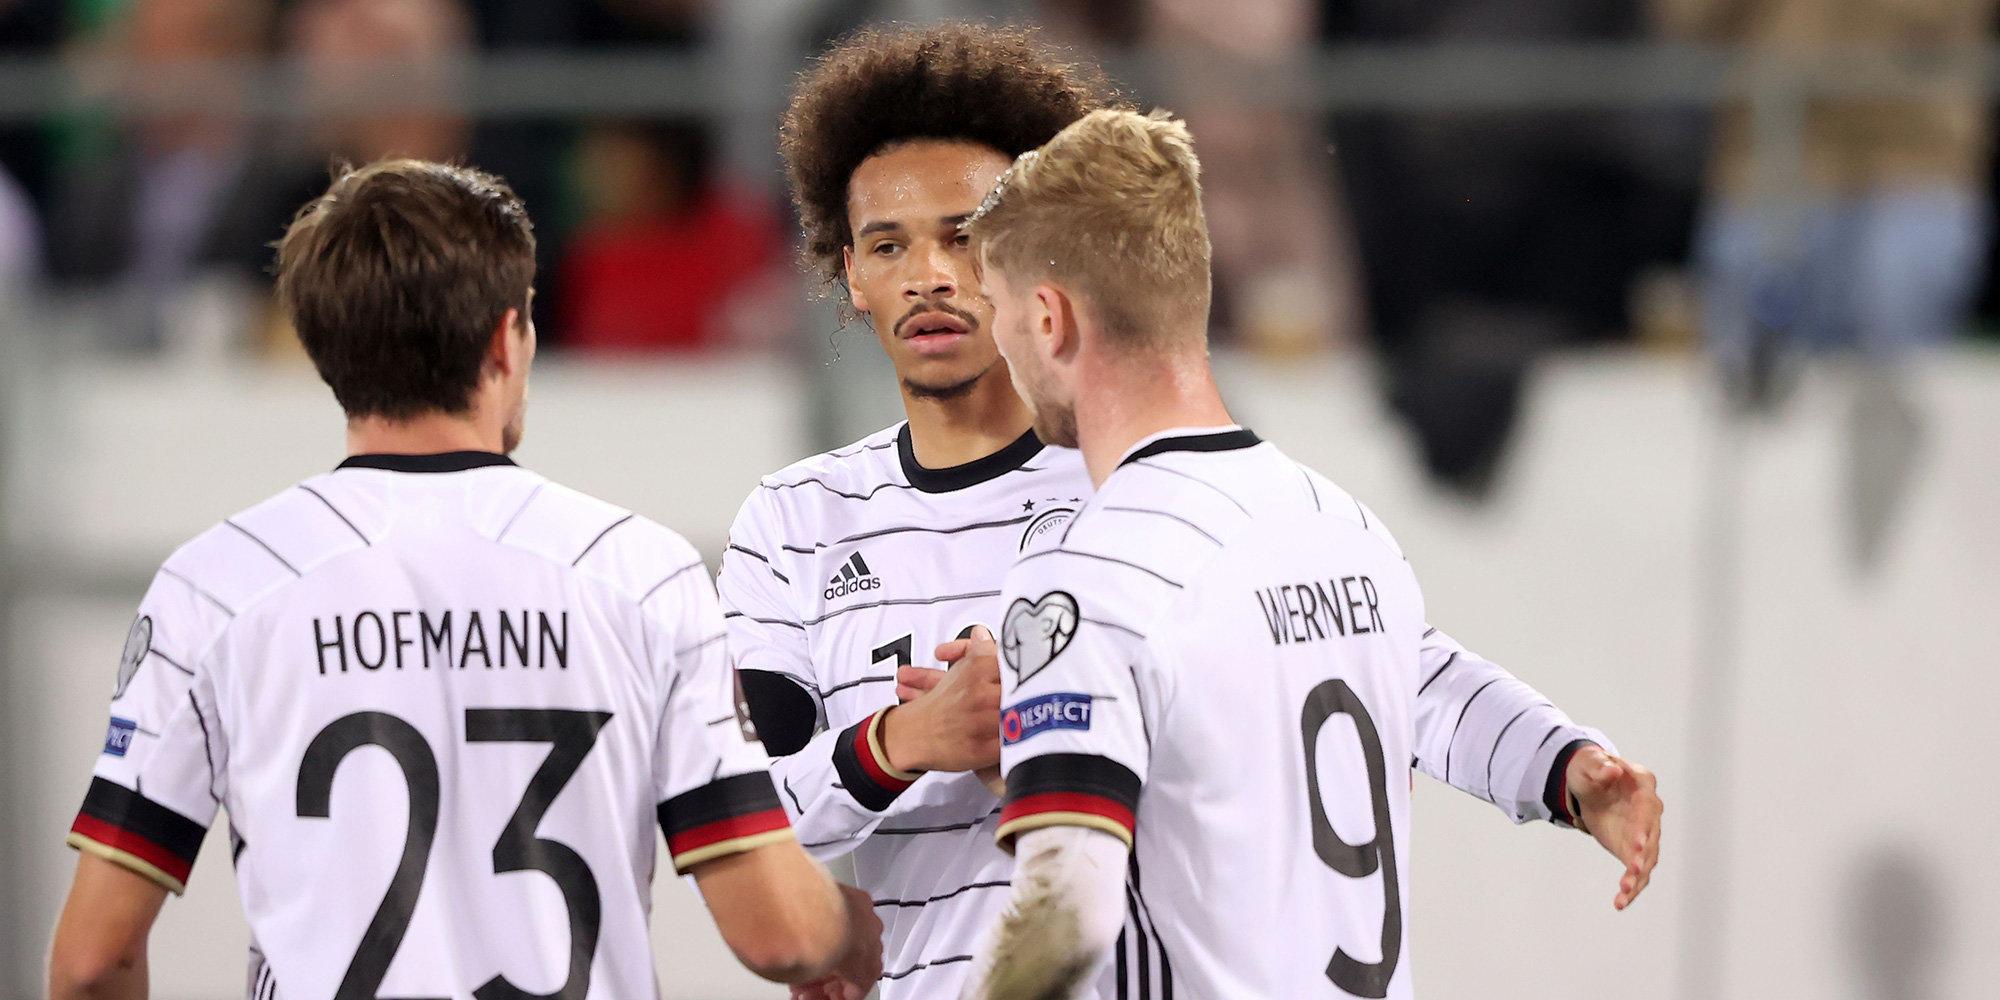 Игроки сборной Германии после экстренной посадки самолета отправятся в клубы индивидуальными рейсами